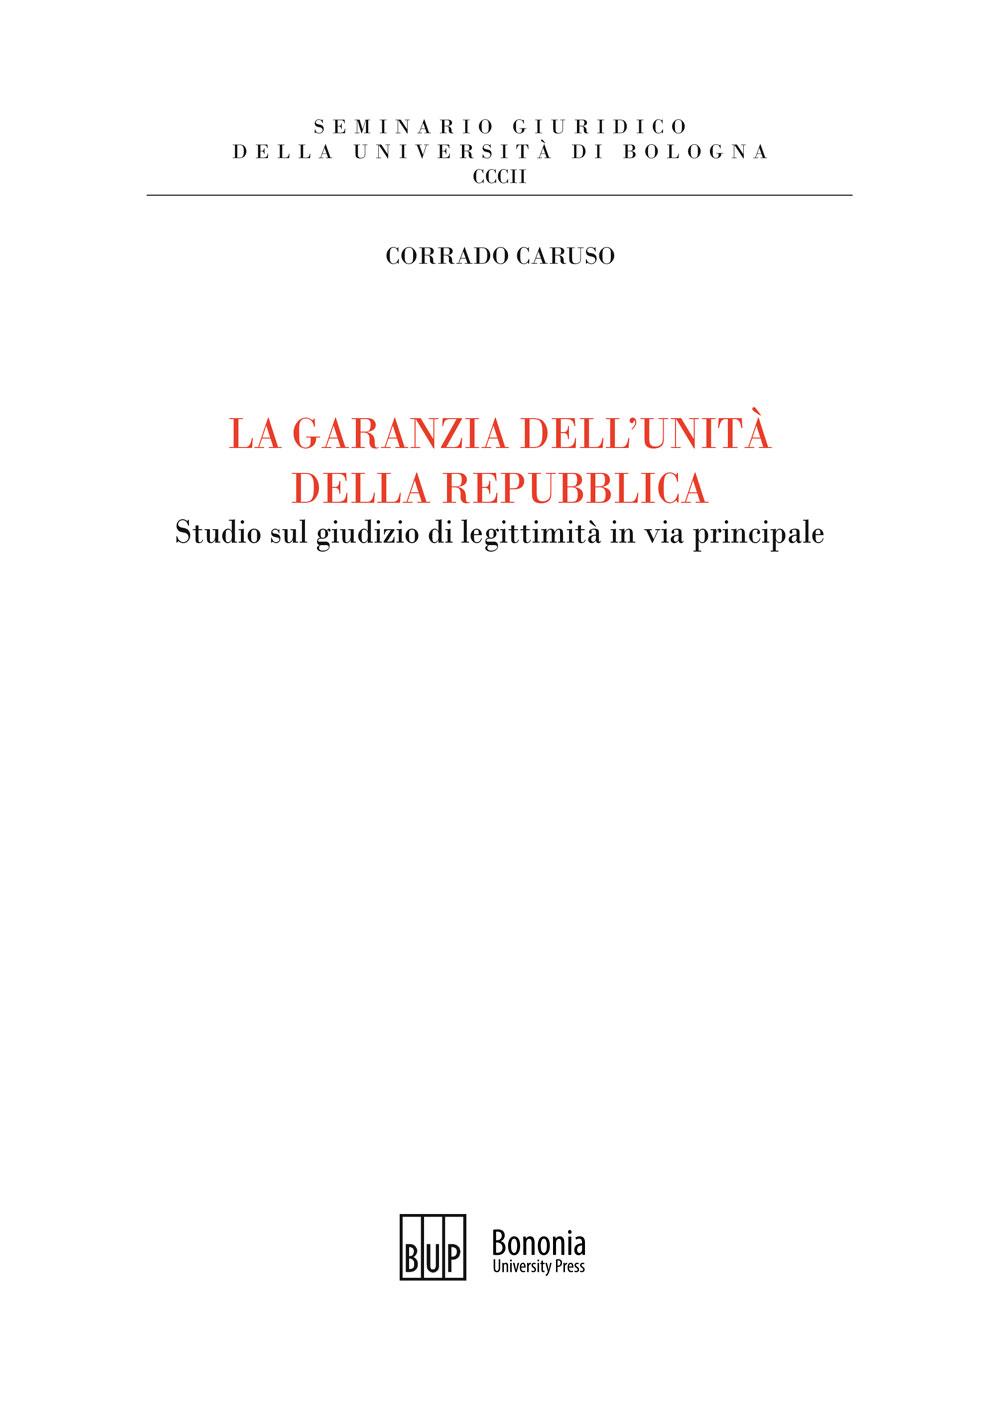 La garanzia dell'unità della Repubblica - Bononia University Press